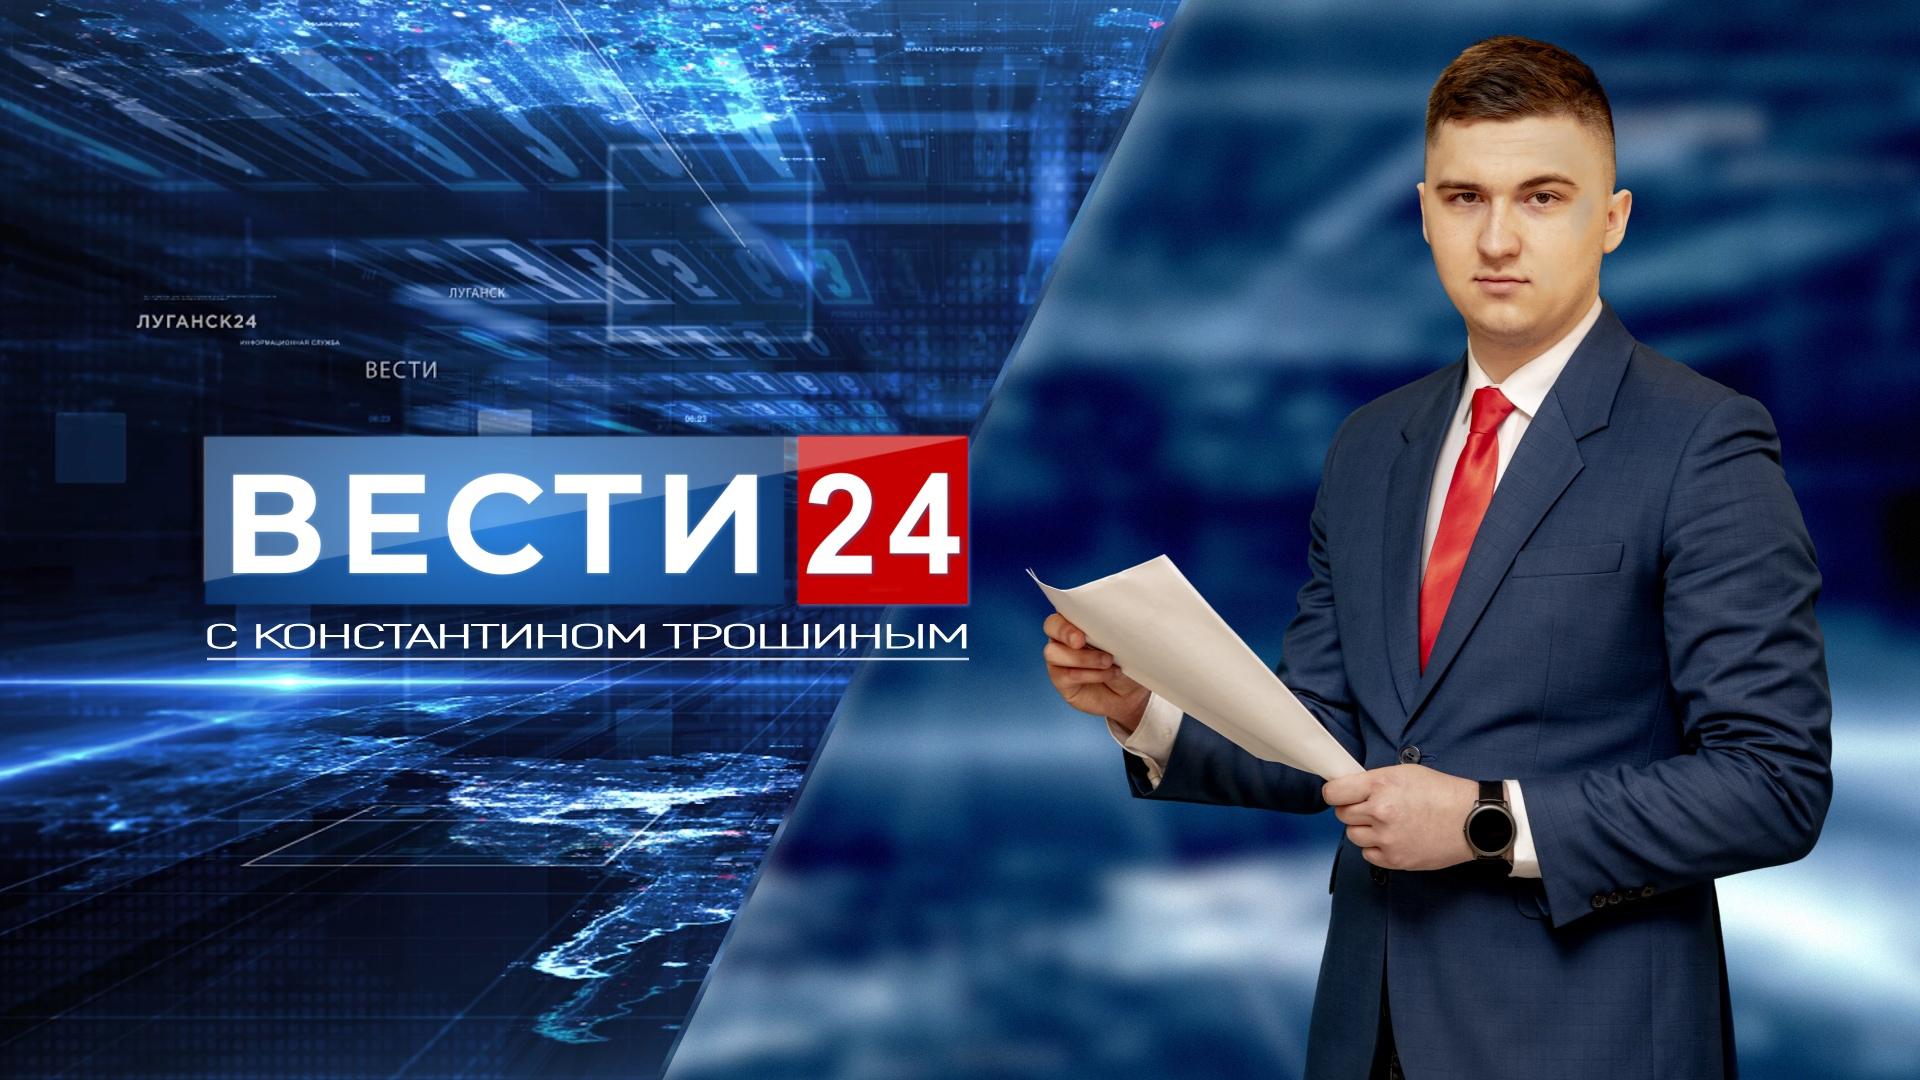 ГТРК ЛНР. Вести. 28 июля 2021 г. 9:00